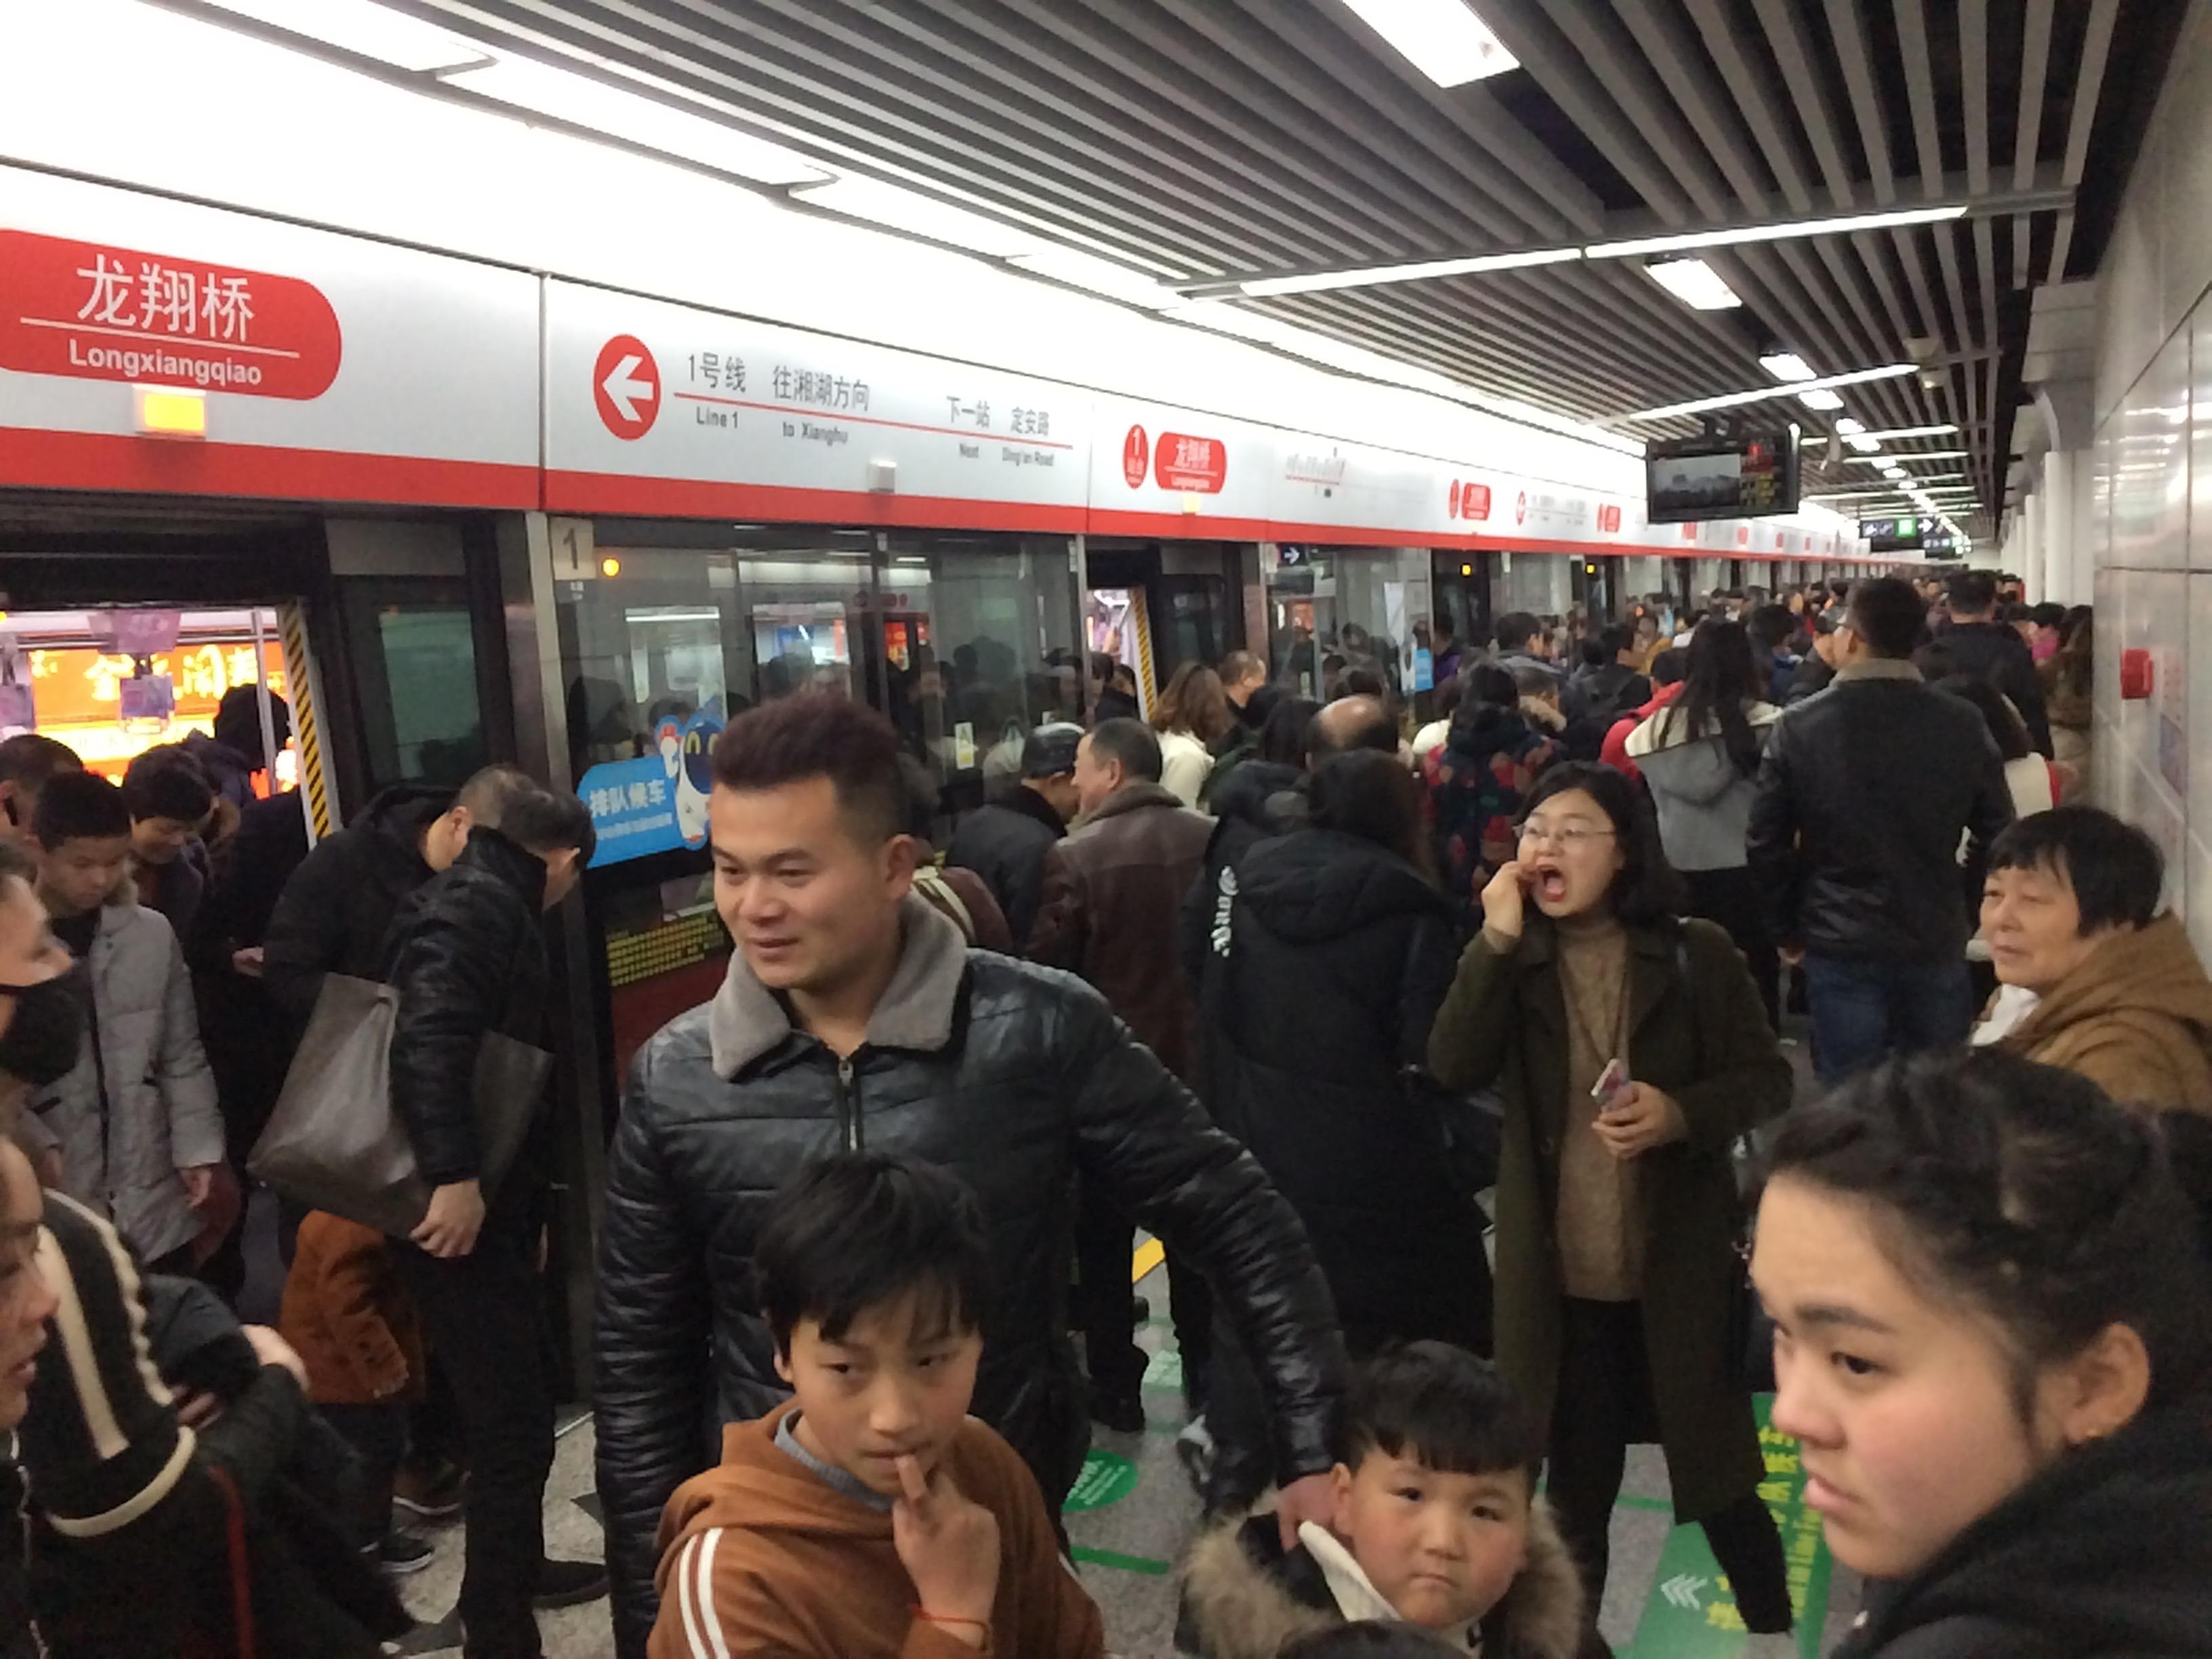 春节黄金周杭州西湖人气爆棚 地铁站人山人海